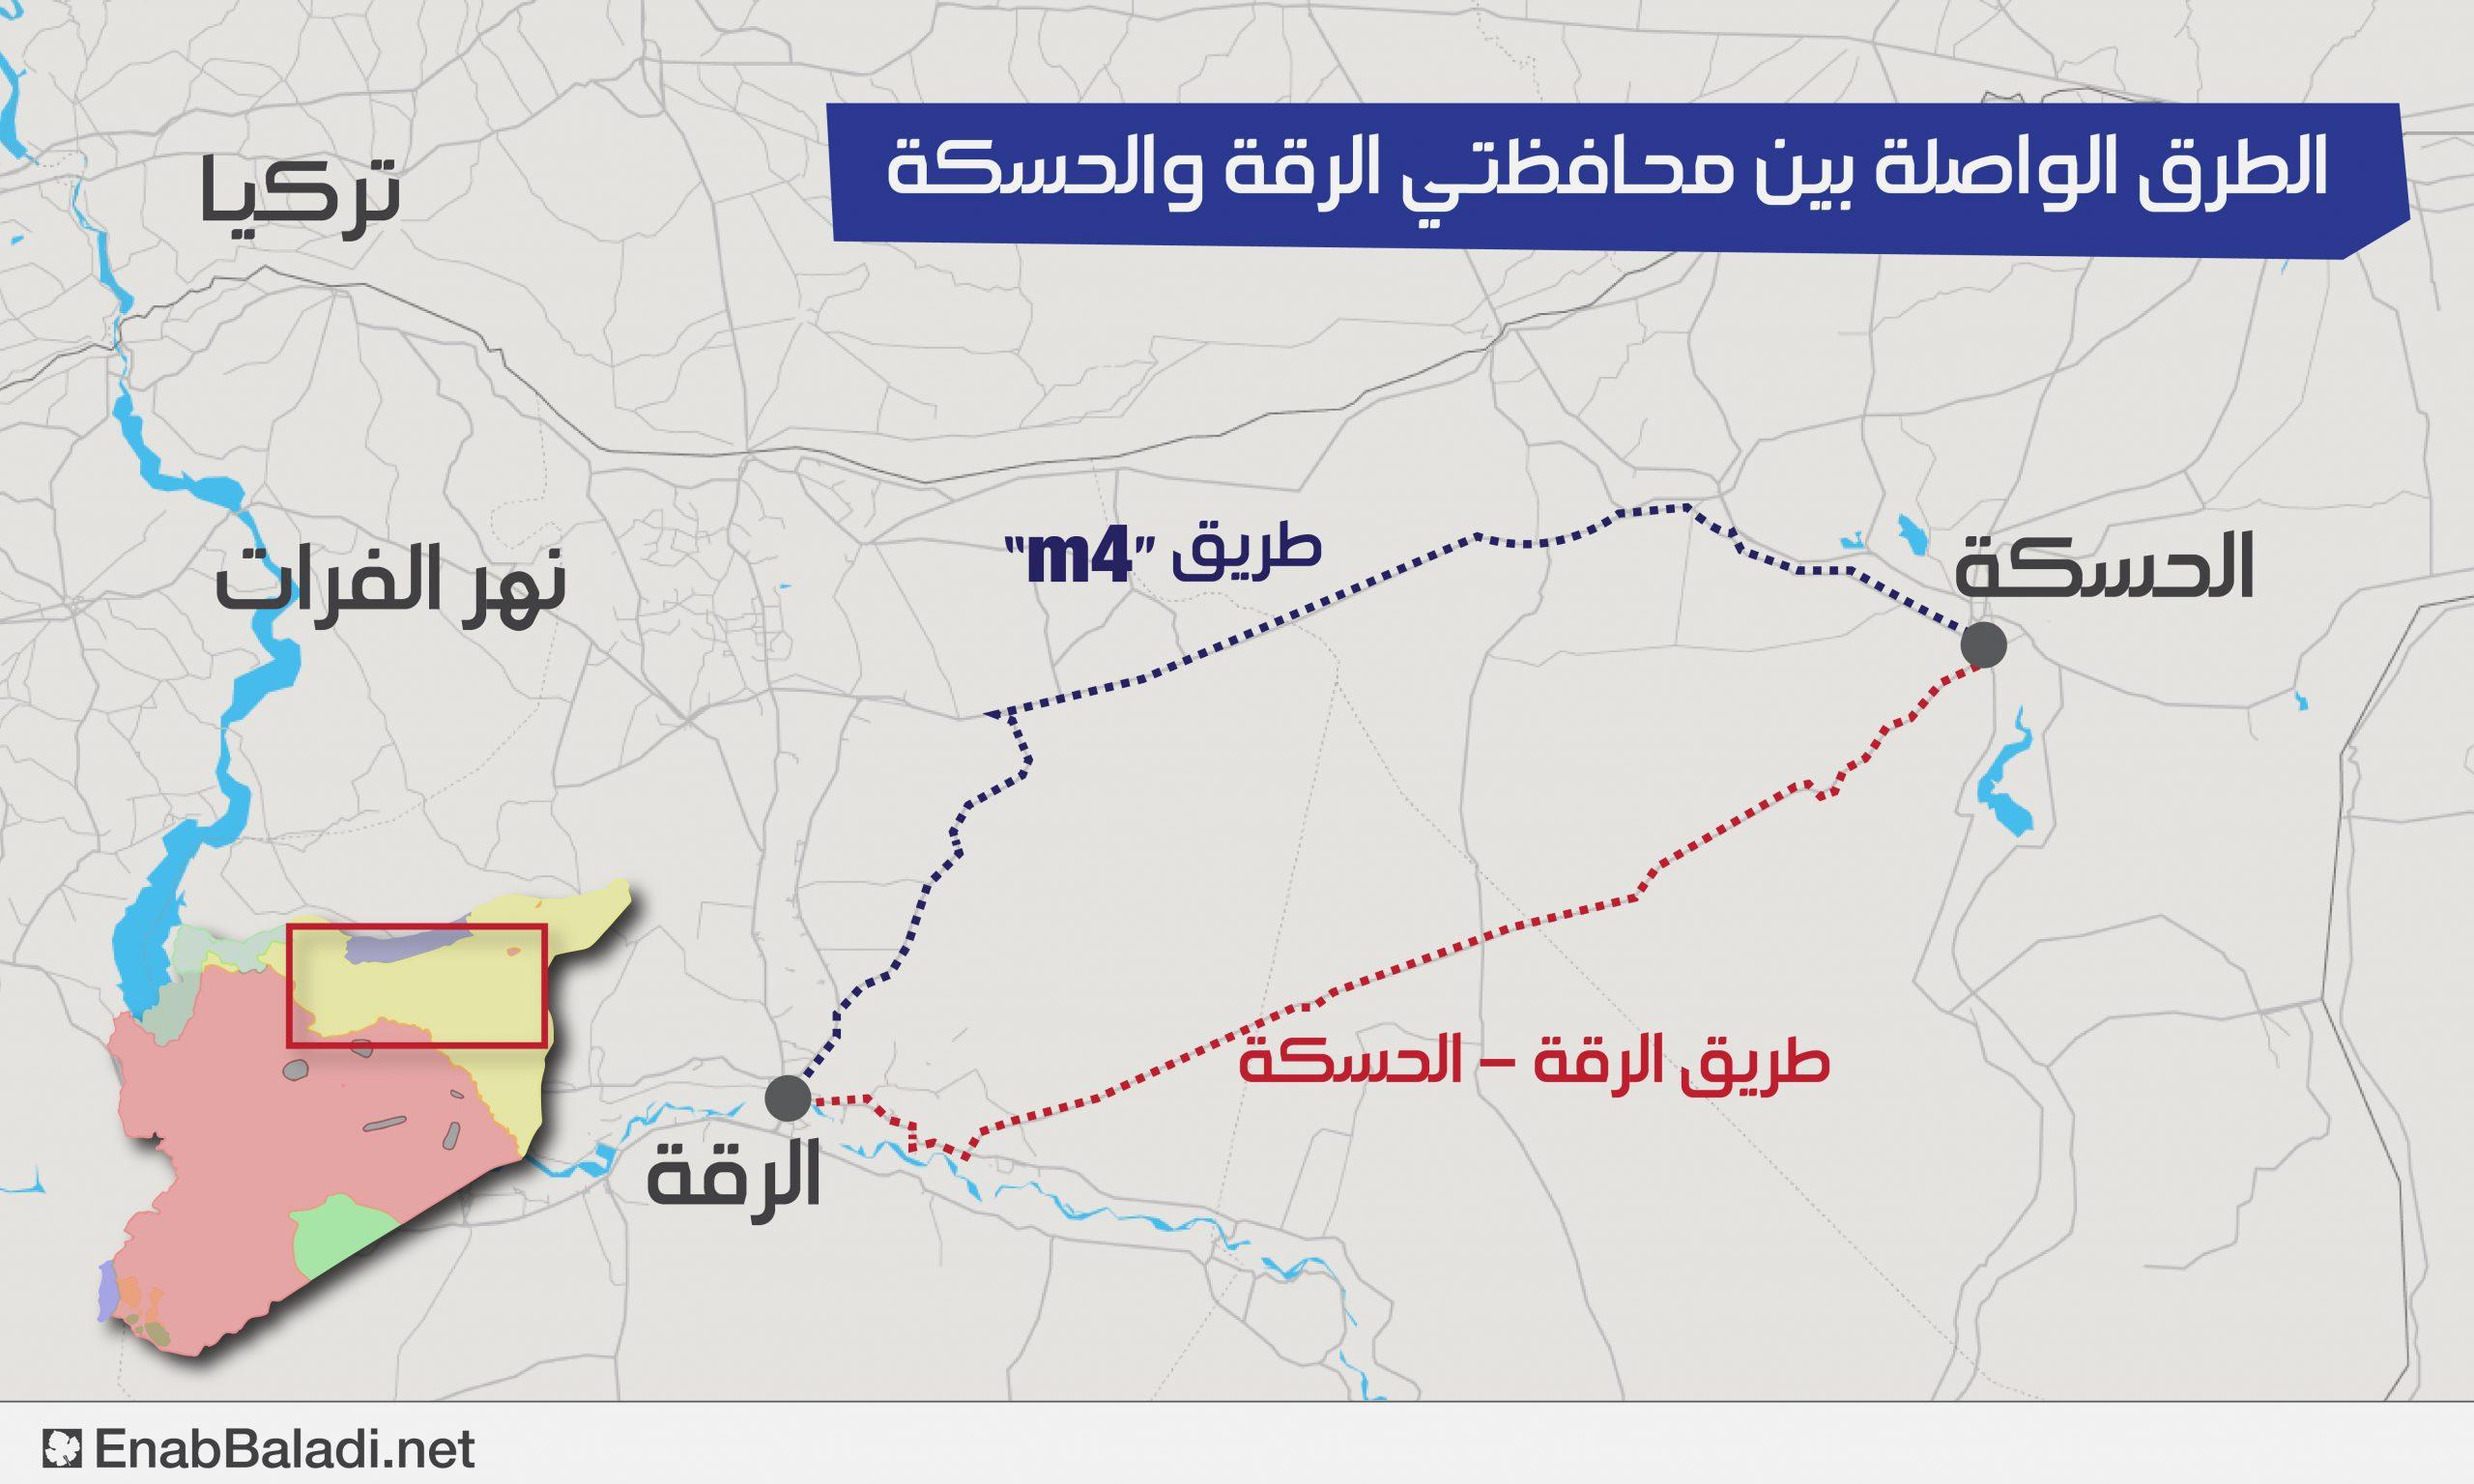 خريطة توضح الطرق الواصلة بين محافظتي الرقة والحسكة (عنب بلدي)